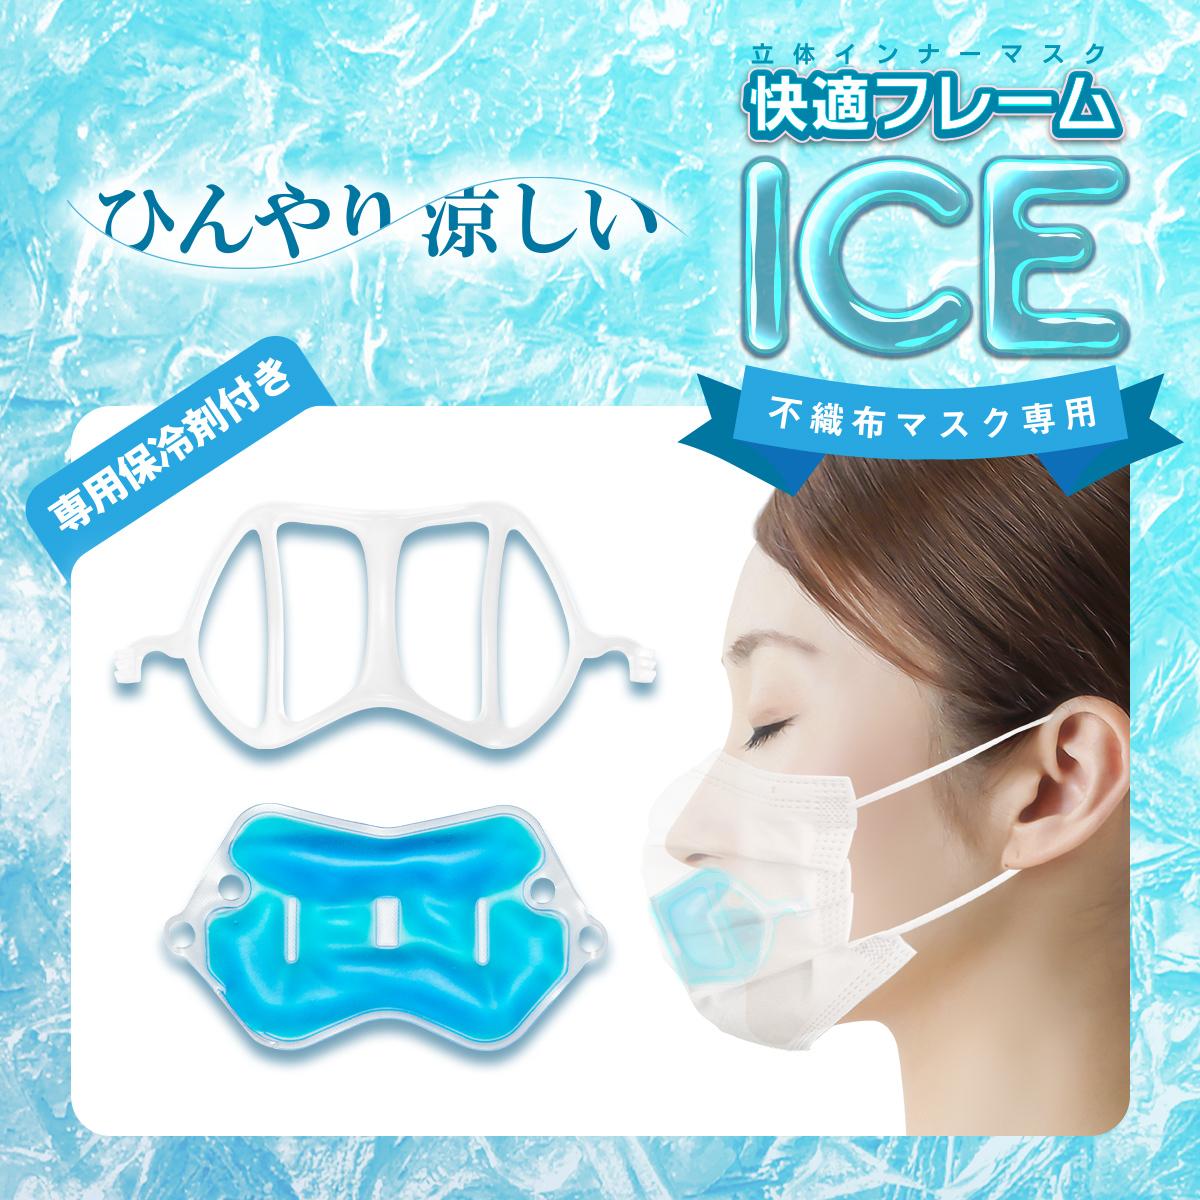 立体インナーマスク 快適フレーム ICE 【ブルー】  (快適フレーム 2個 、専用保冷剤 2個 セット)